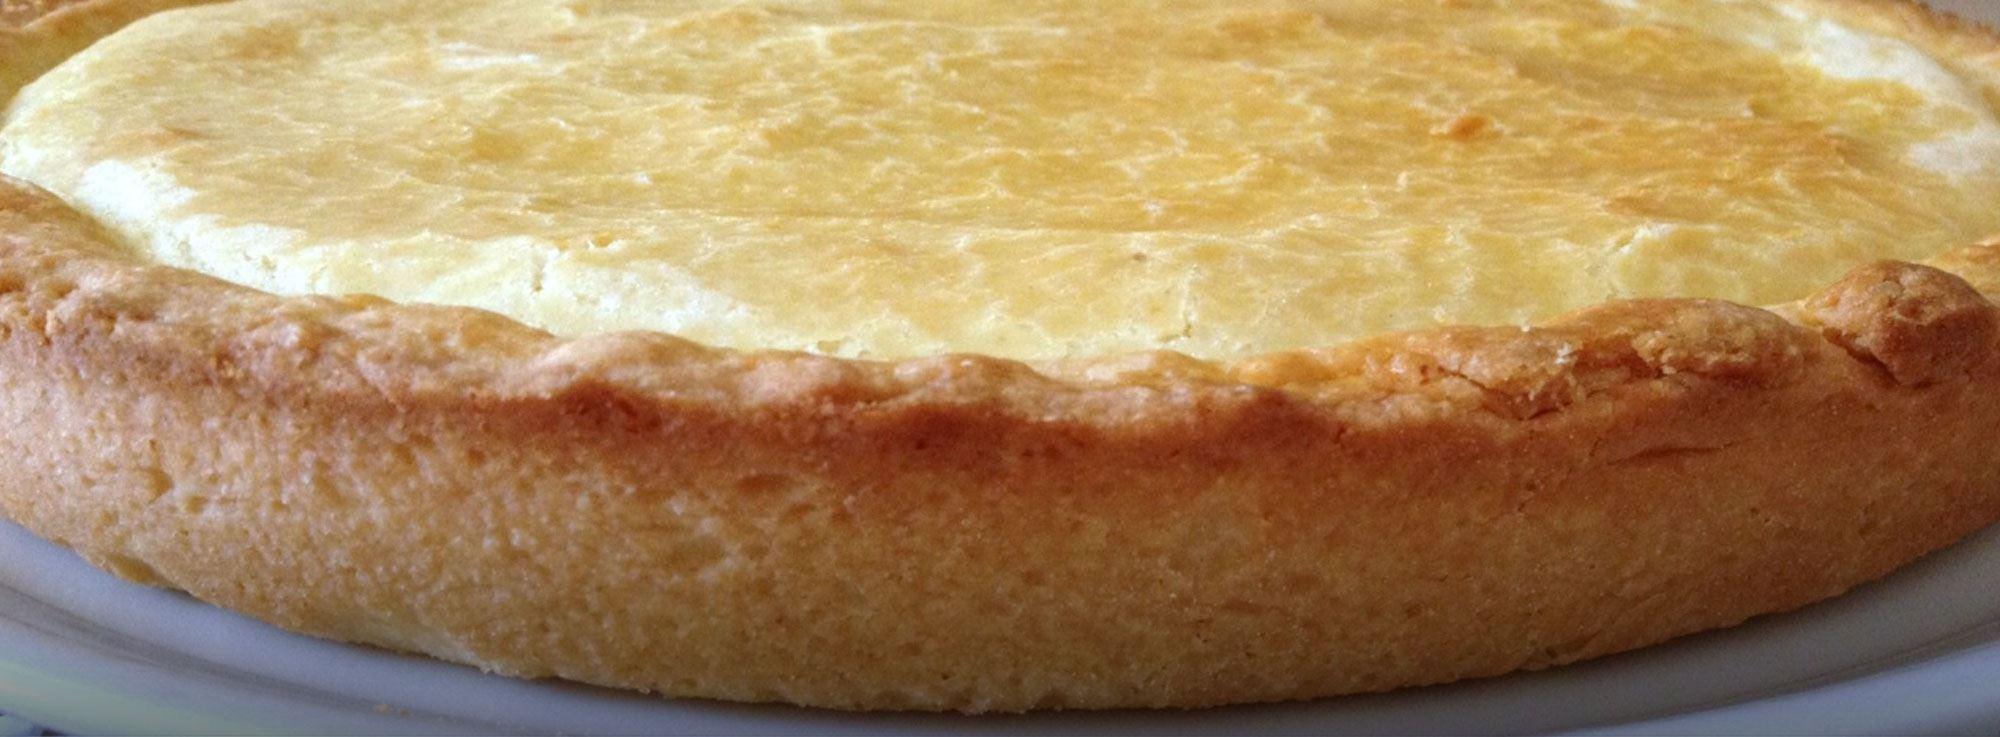 Ricetta: Torta pasticciotto